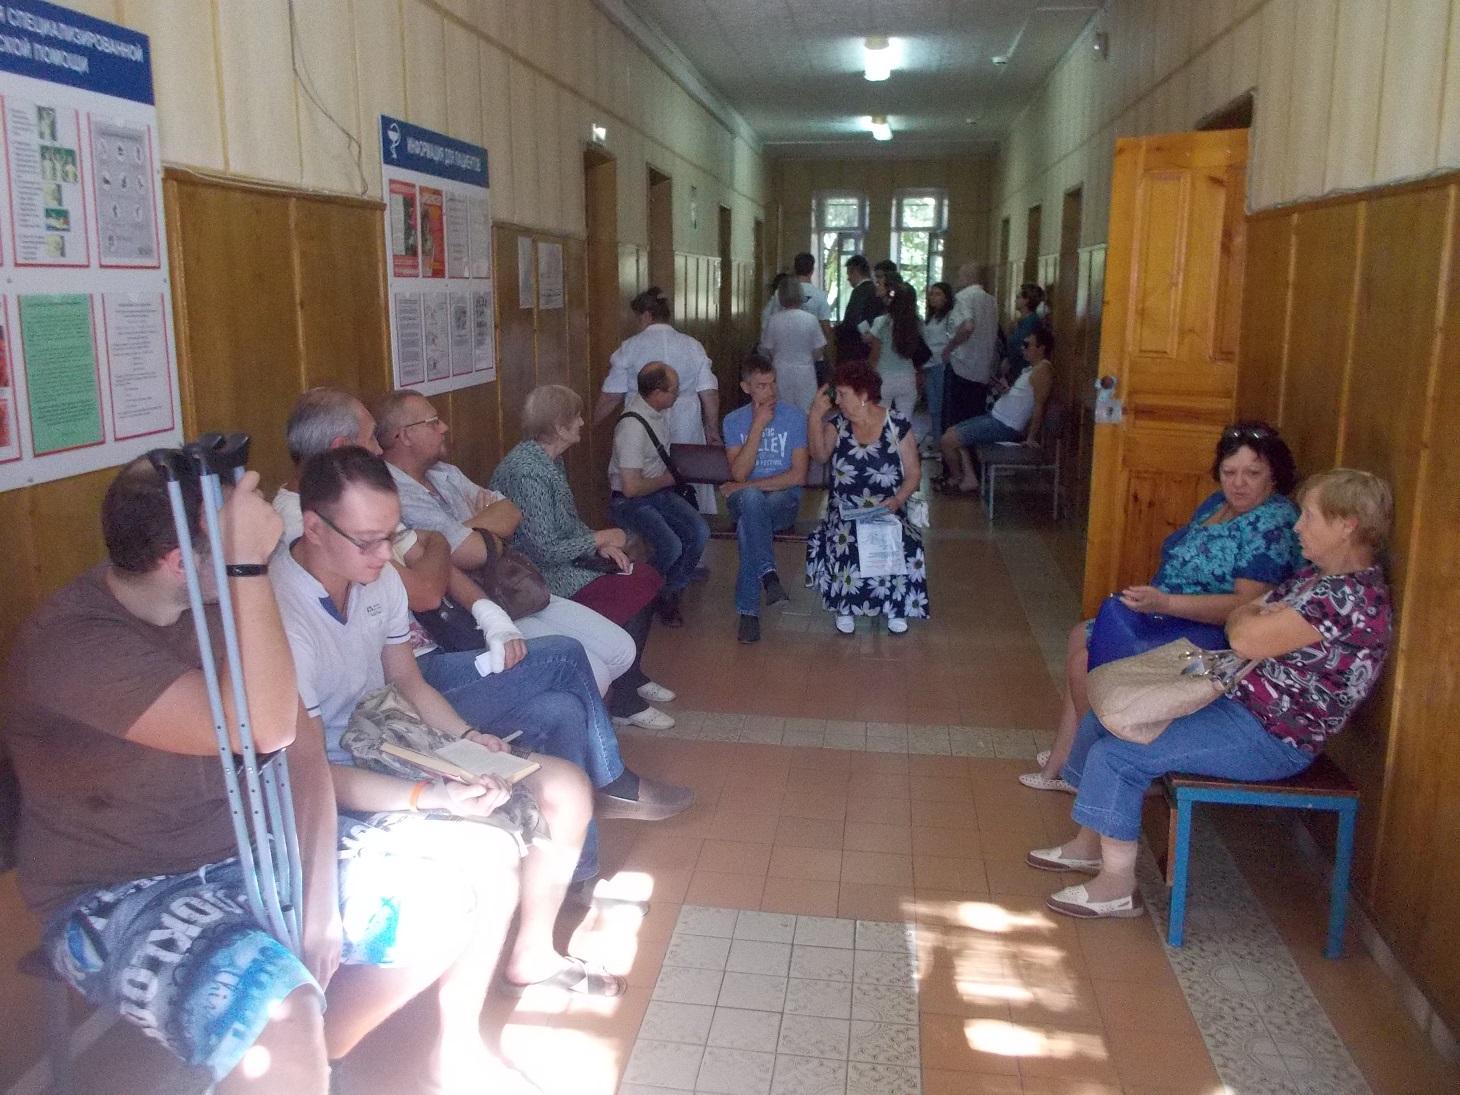 Вмедучреждениях Волгоградской области нехватает медсотрудников, фармацевтических средств иинформации